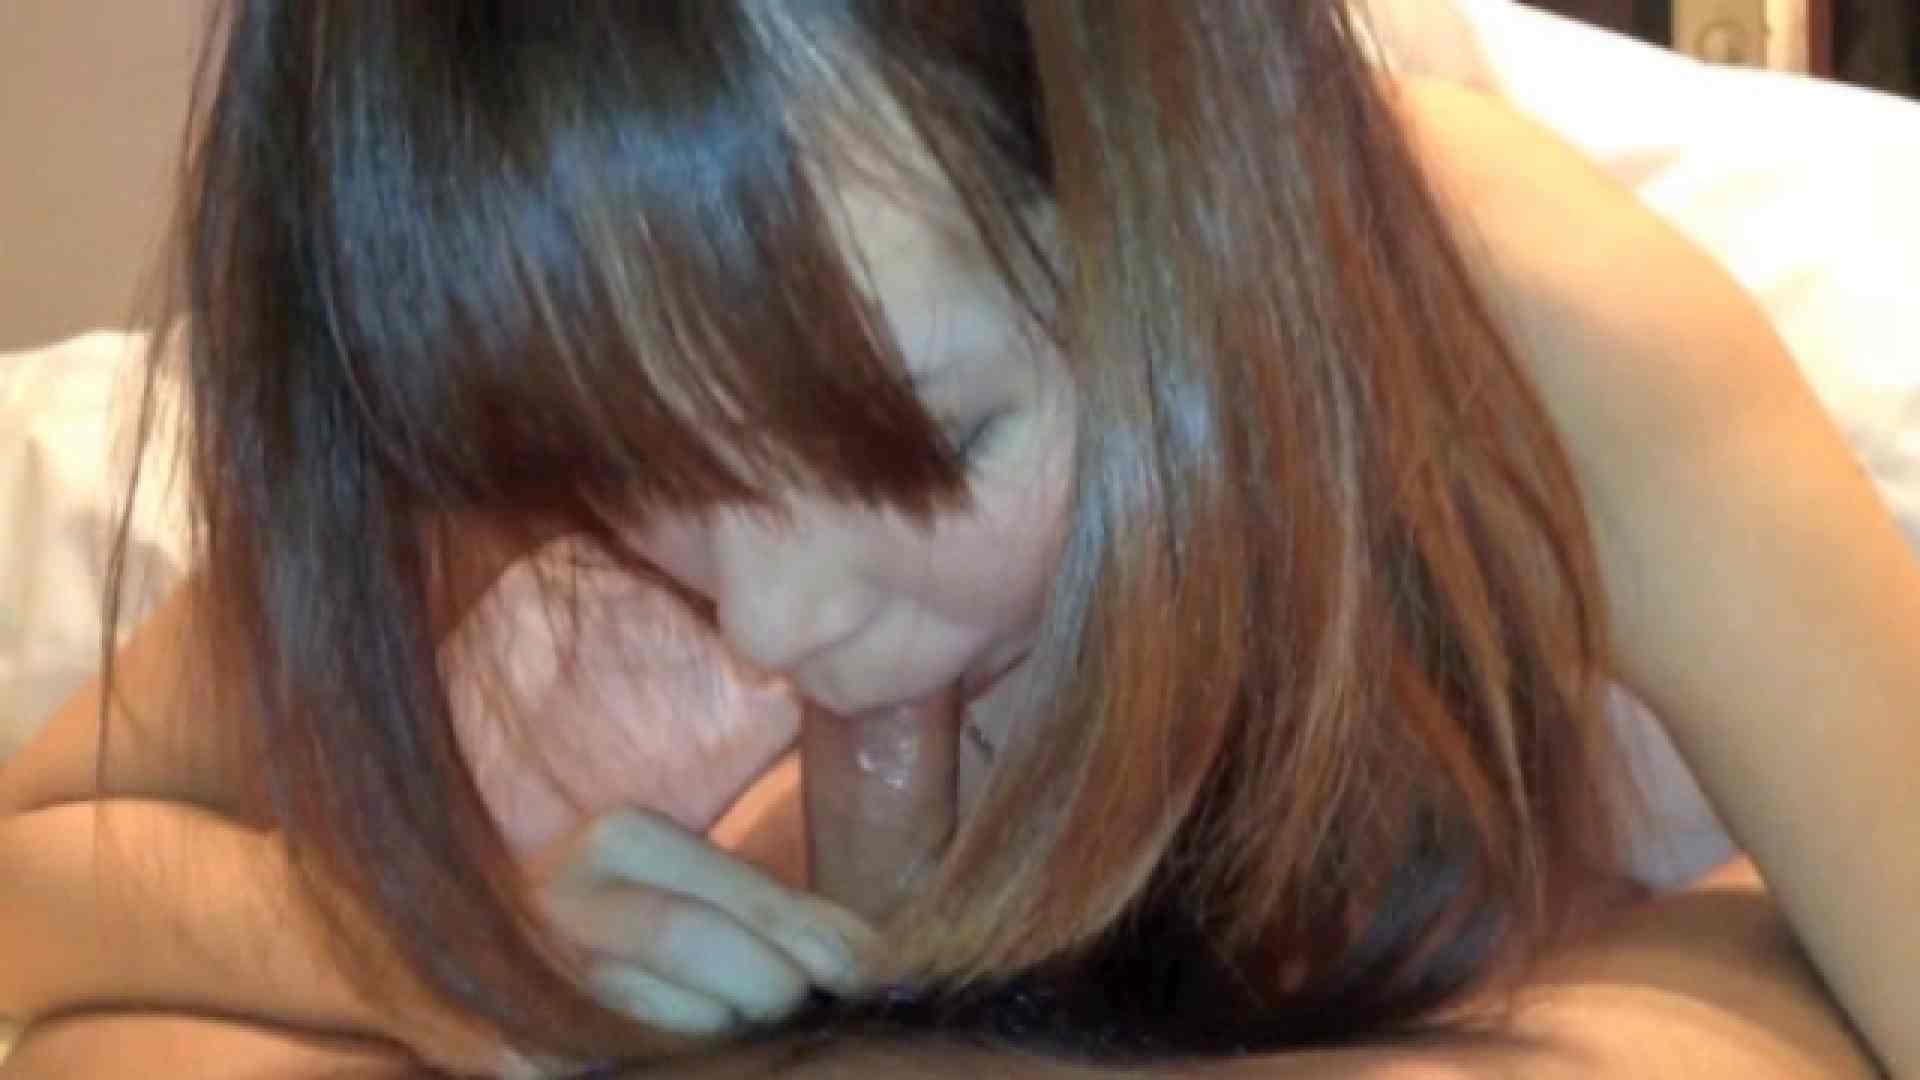 ドラゴン2世 チャラ男の個人撮影 Vol.18 超かわいい彼女 ゆいか 18才 Part.09 未公開4作品 セックスエロ動画  105PIX 92